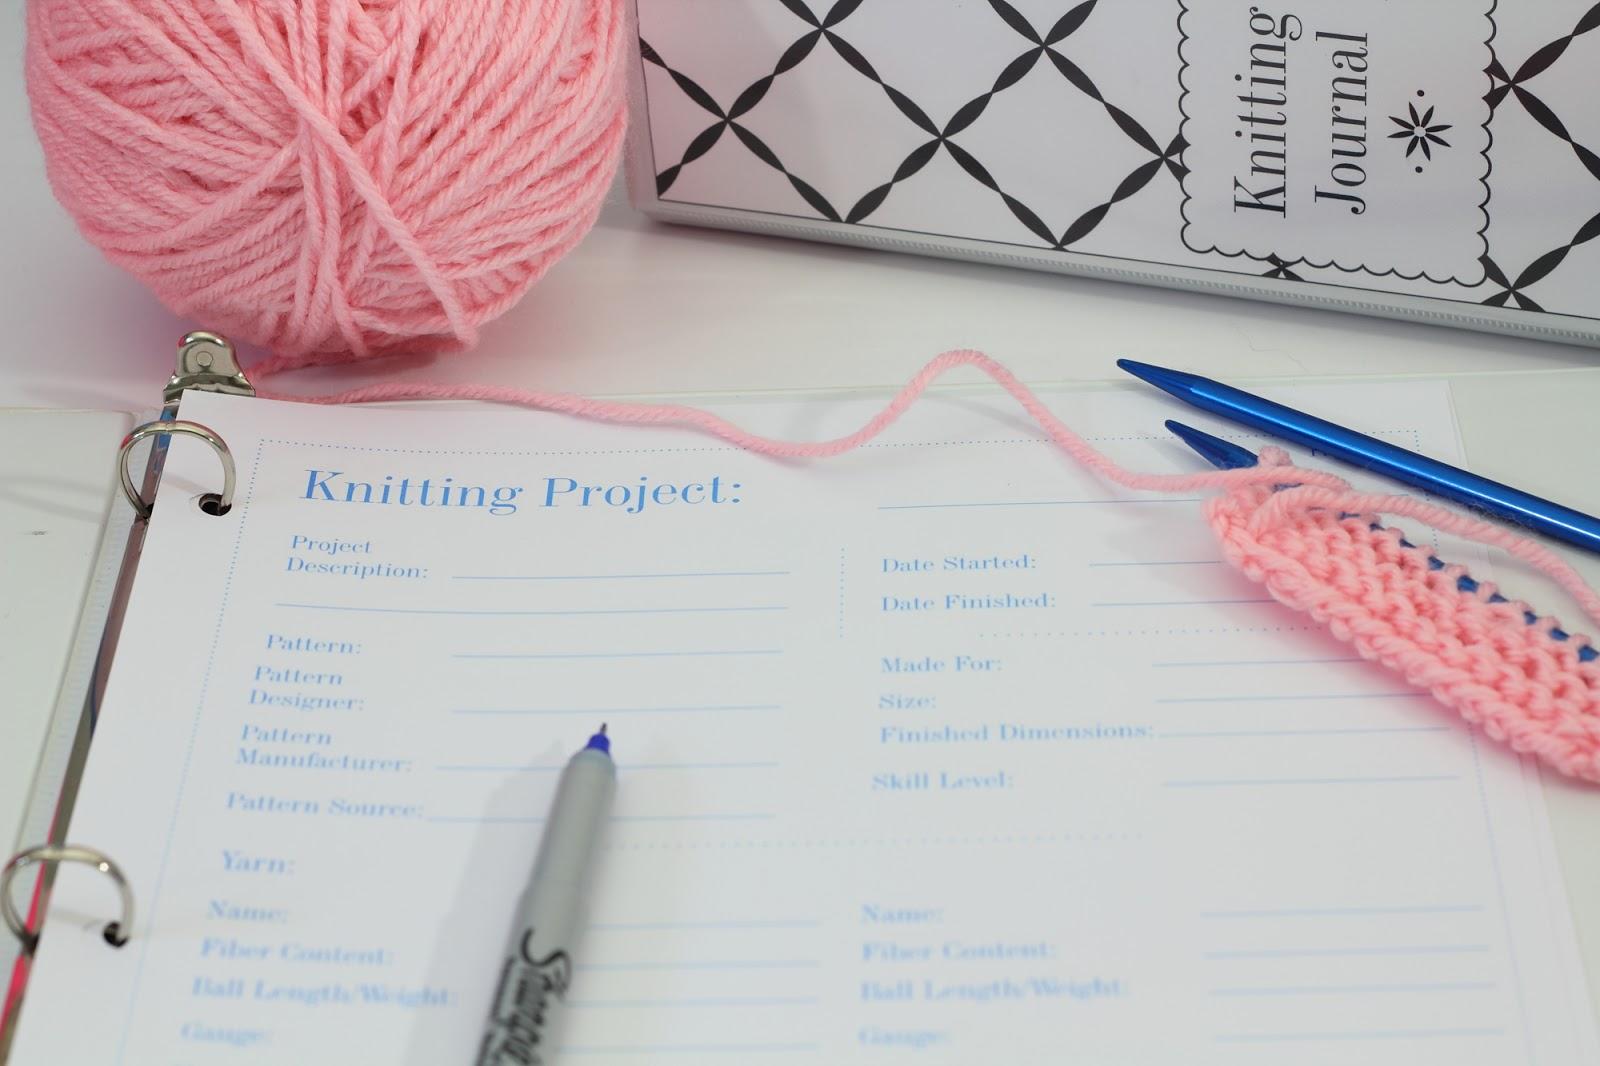 Knitting Project Journal : Big b organization knitting journal